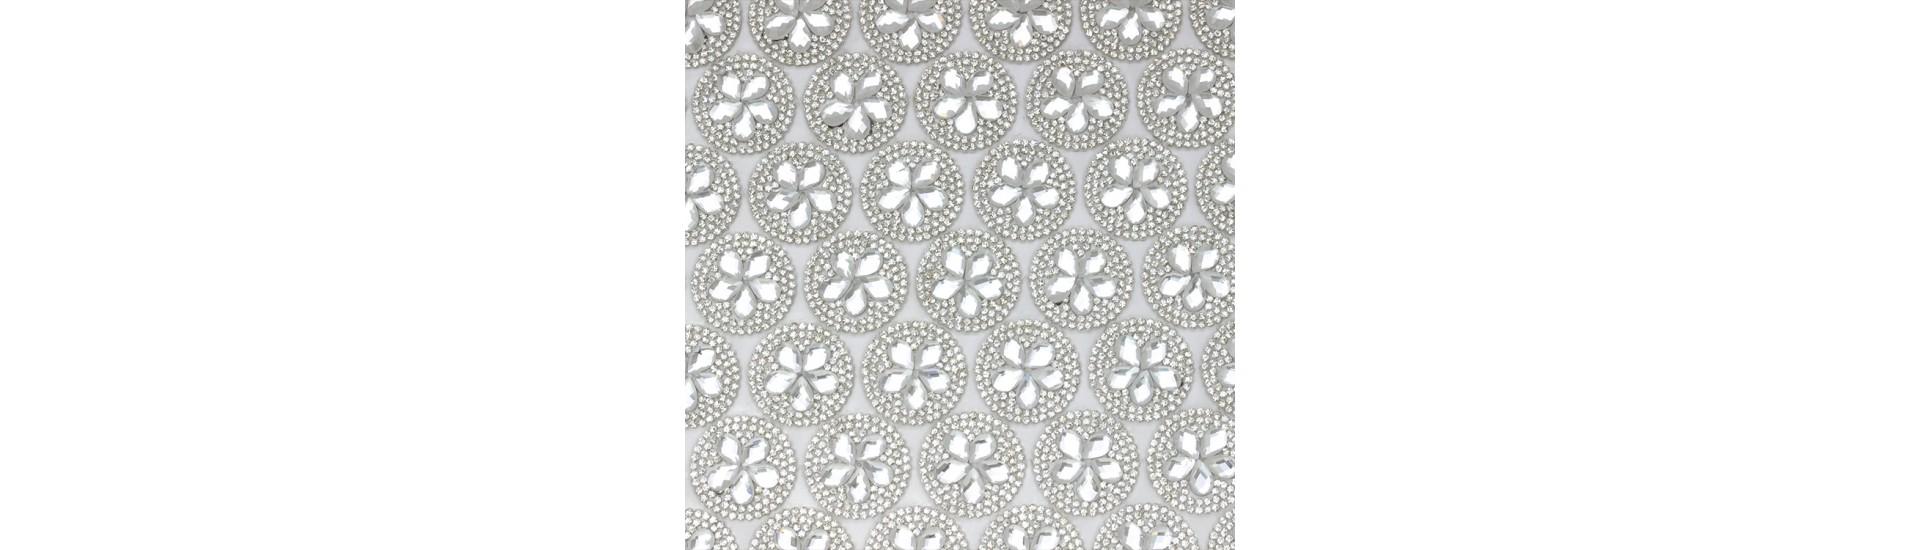 Стразы на листе 24х4см клеевые (круг диаметр 26мм) CF002 Crystal